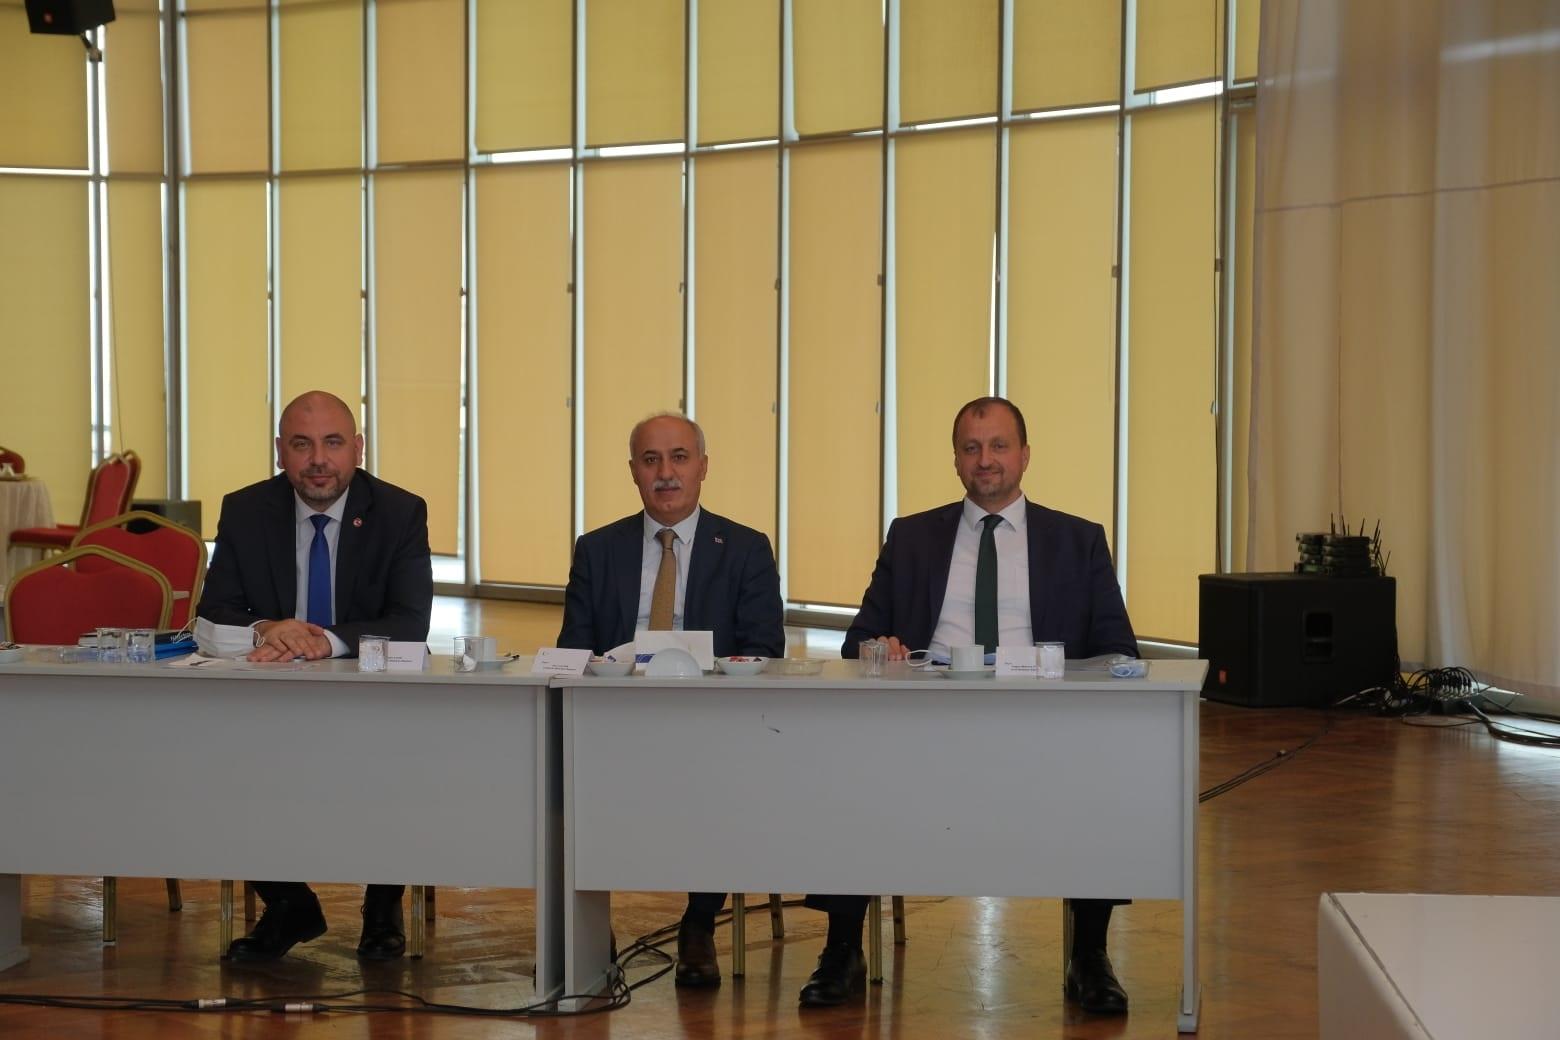 Kaçak Yapı İle Mücadele Toplantısı Bursa'da Yapıldı